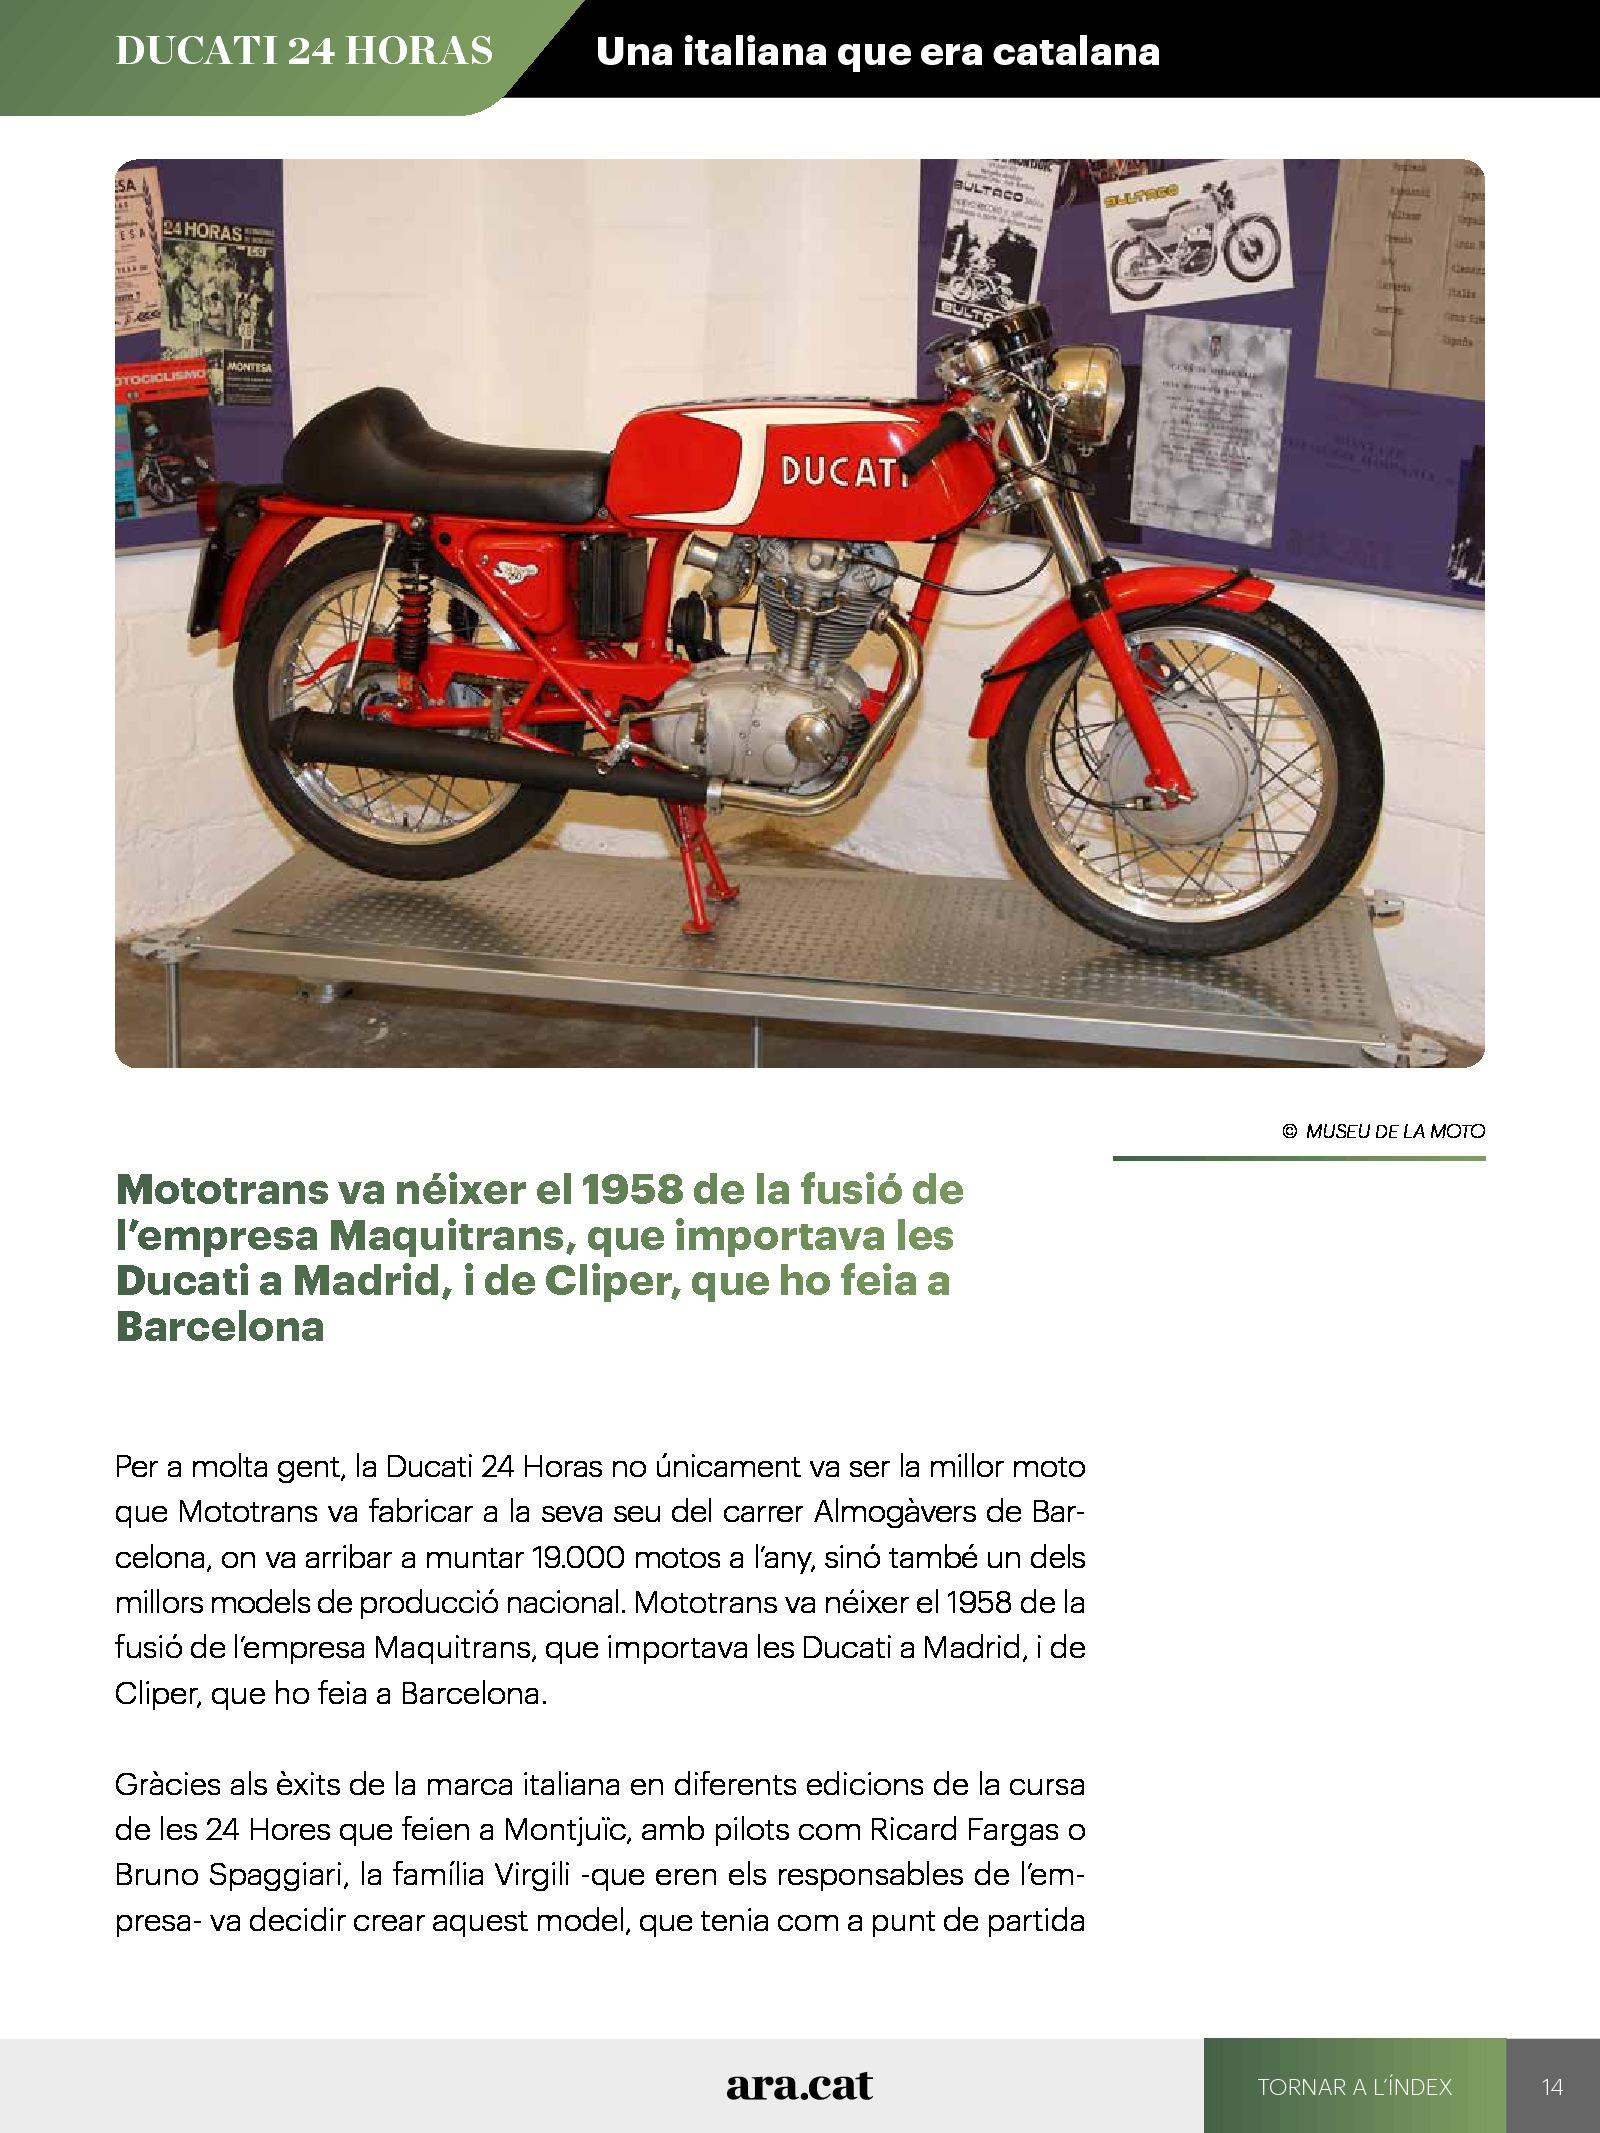 Les motos de la nostra vida 2